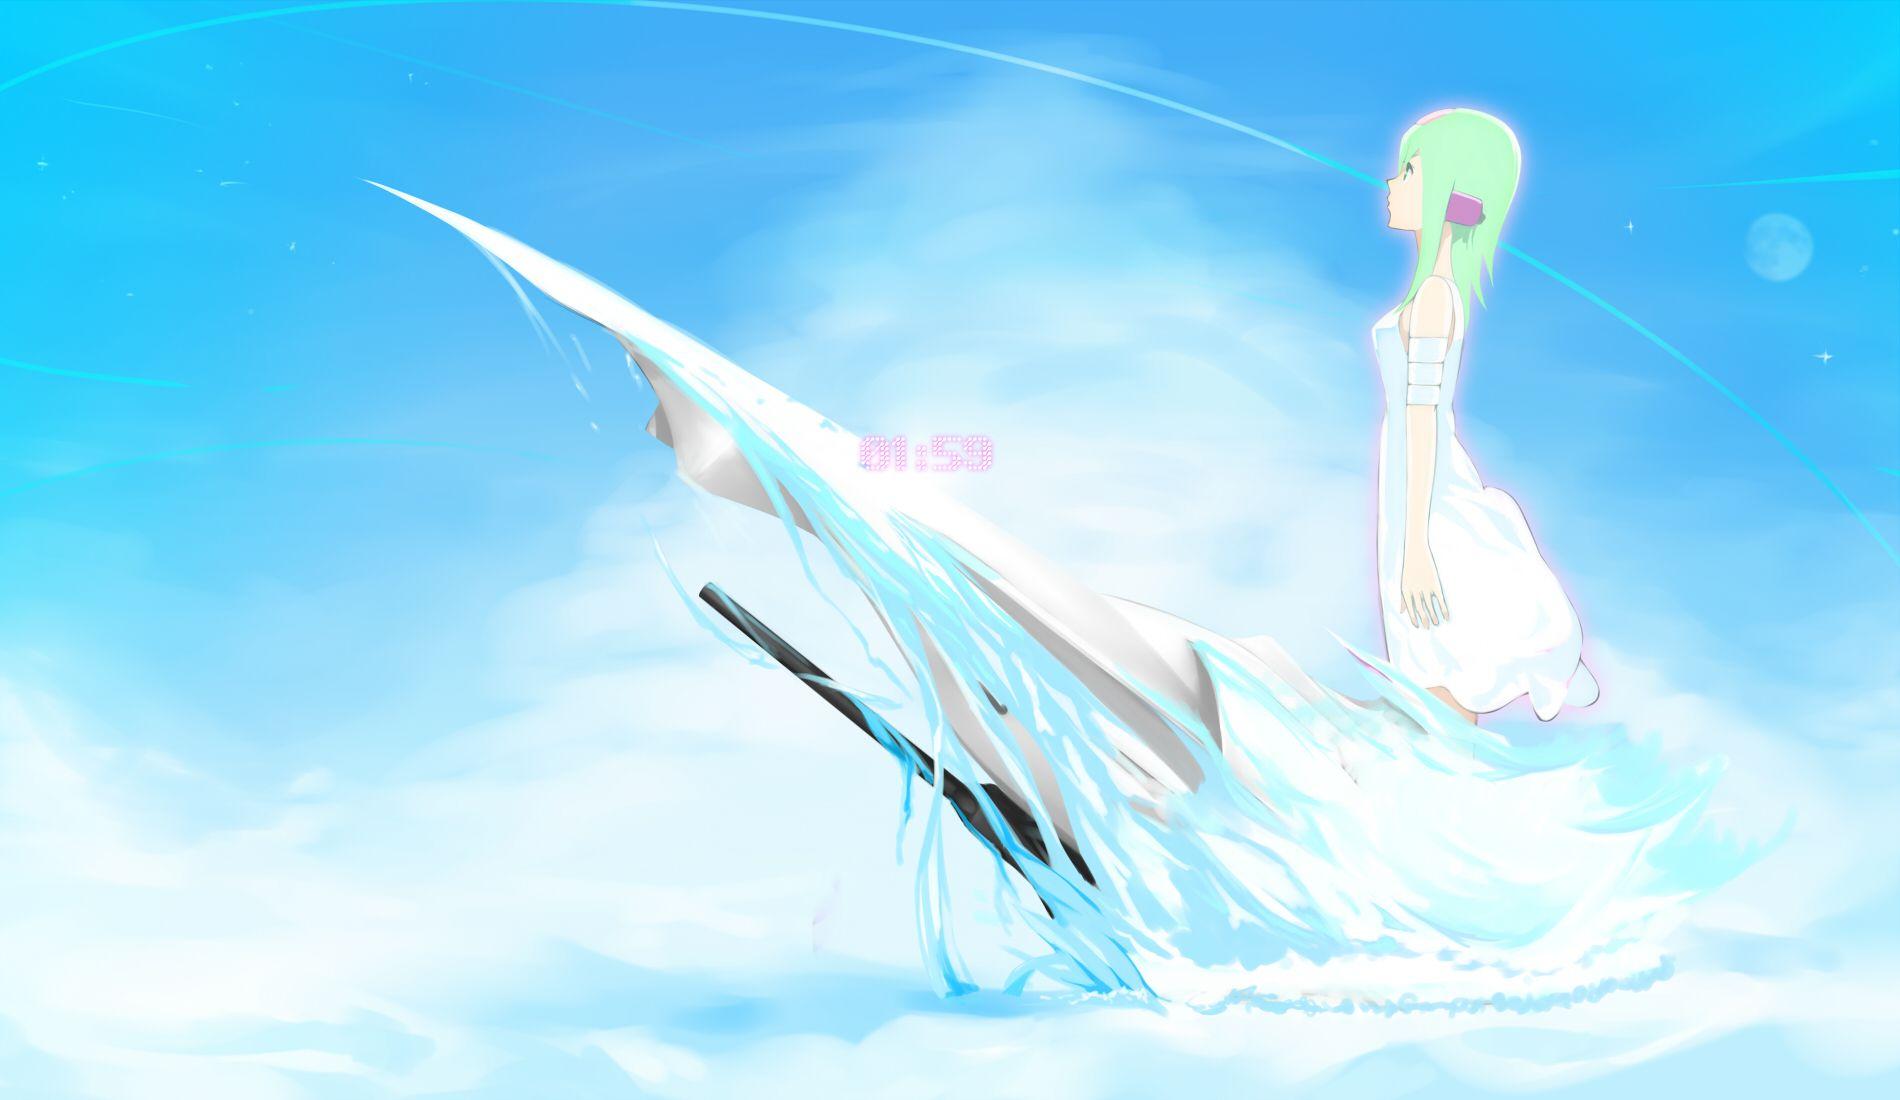 Konachan.com - 44756 bandage eureka eureka_seven penpen_(artist) sky